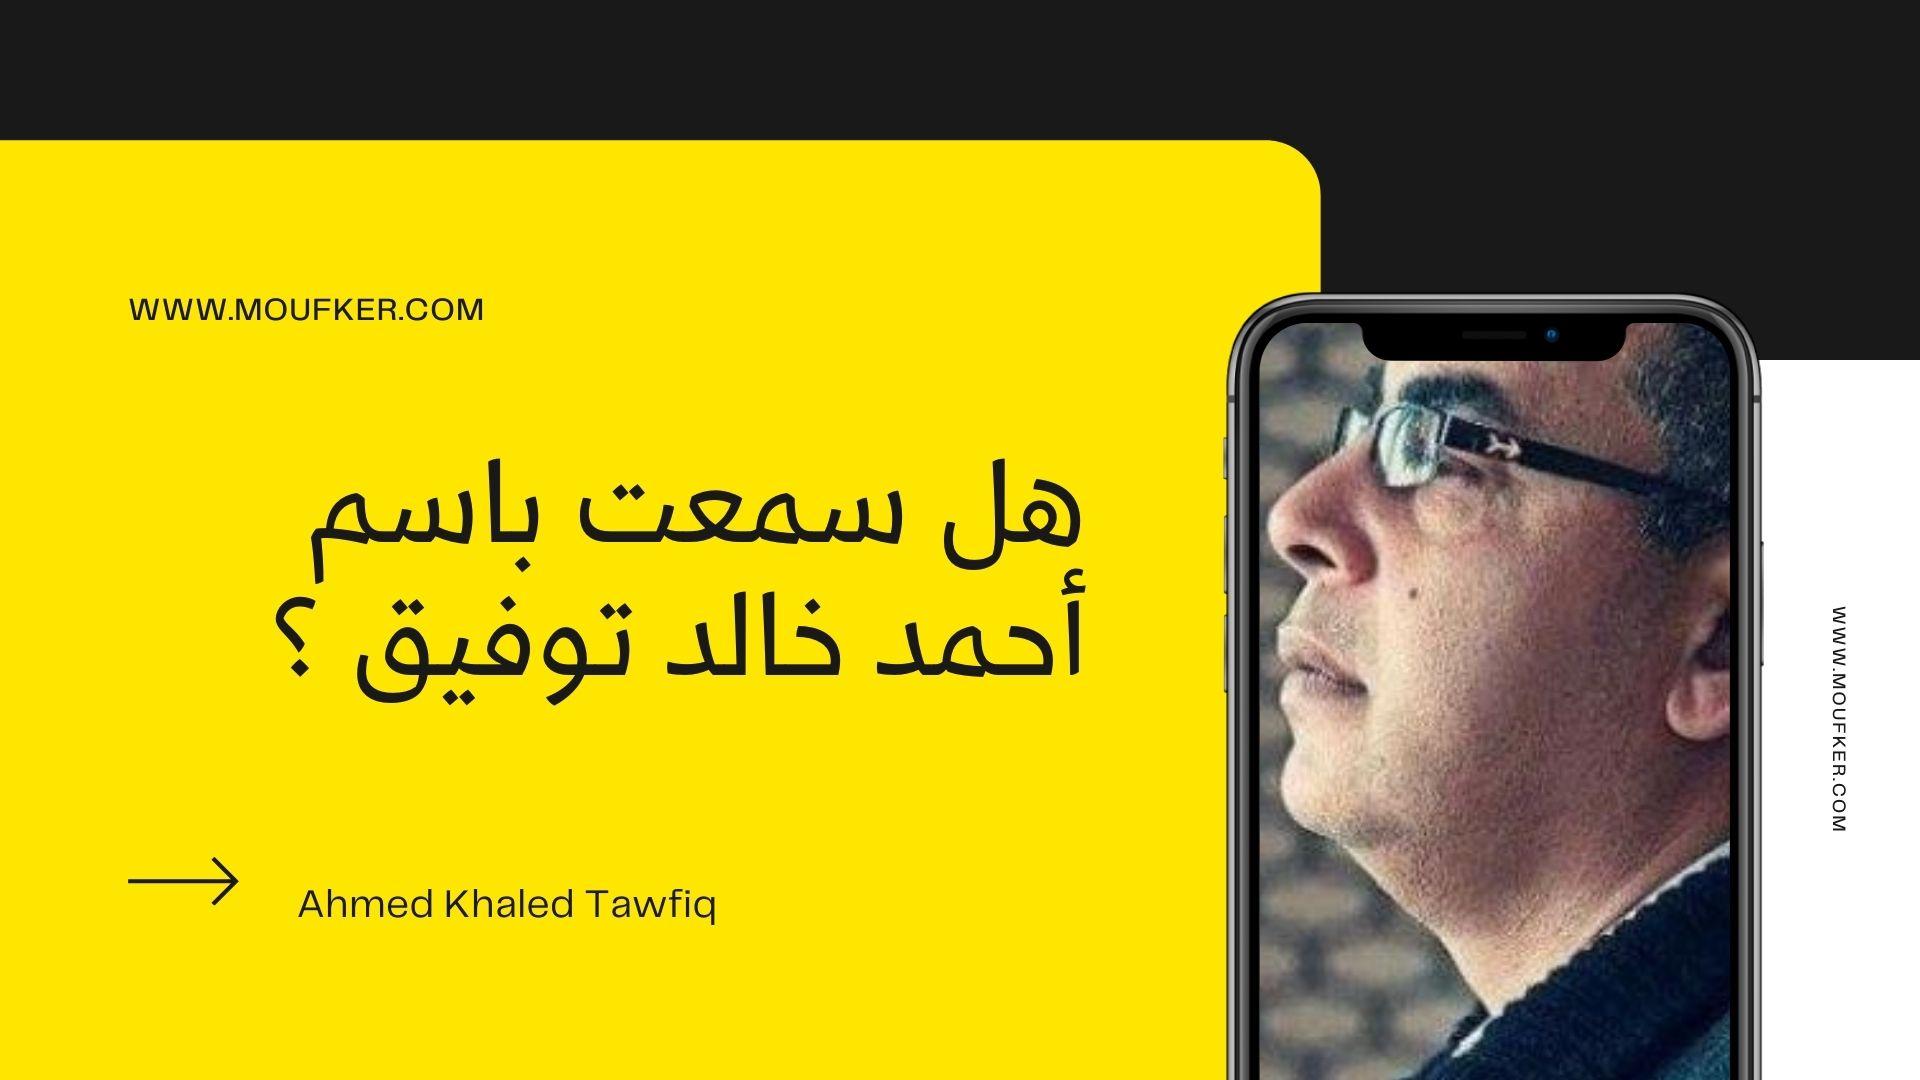 هل سمعت باسم أحمد خالد توفيق ؟